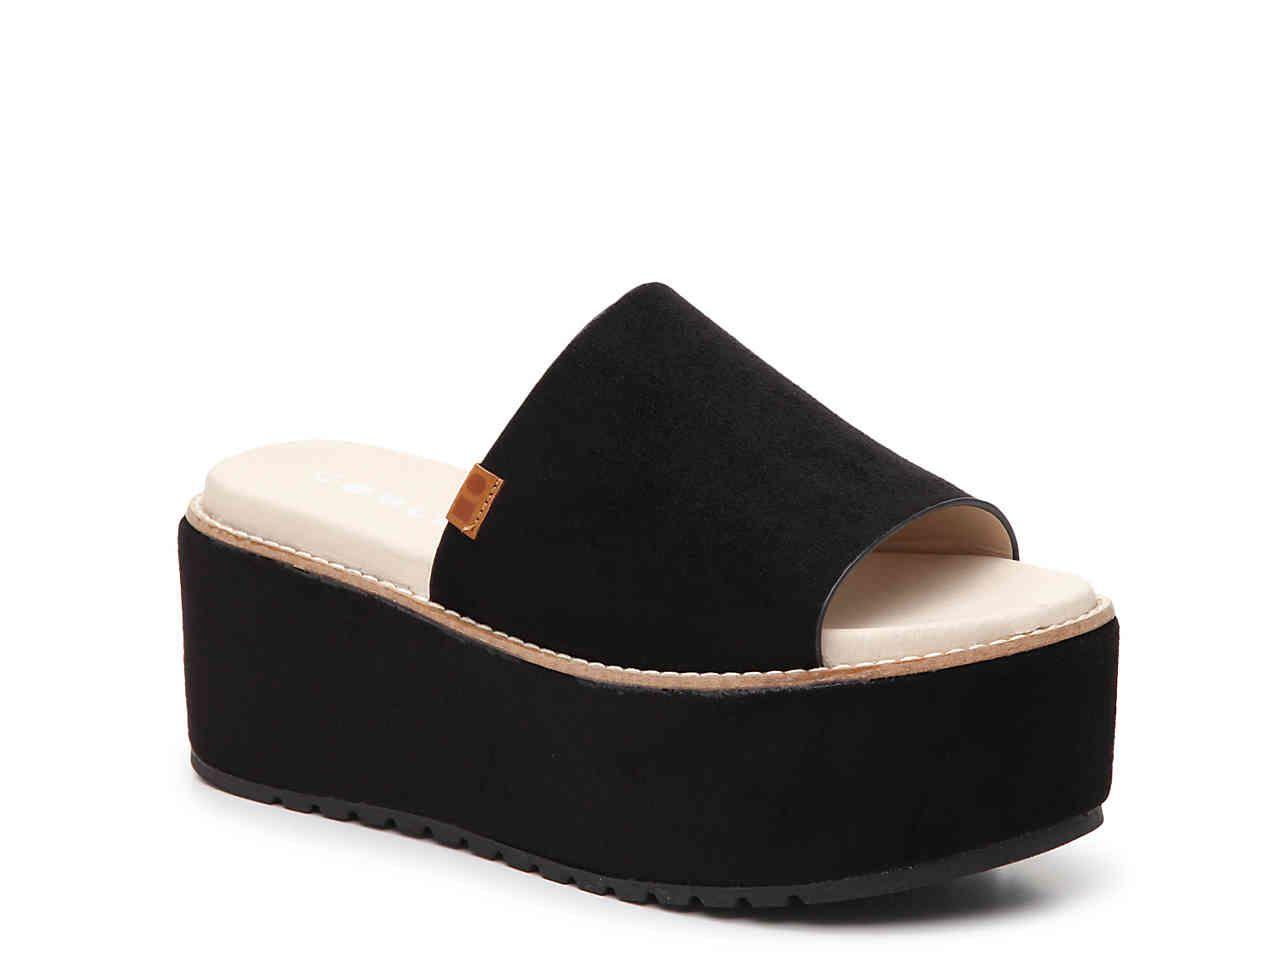 Coolway Celo Platform Sandal | Platform